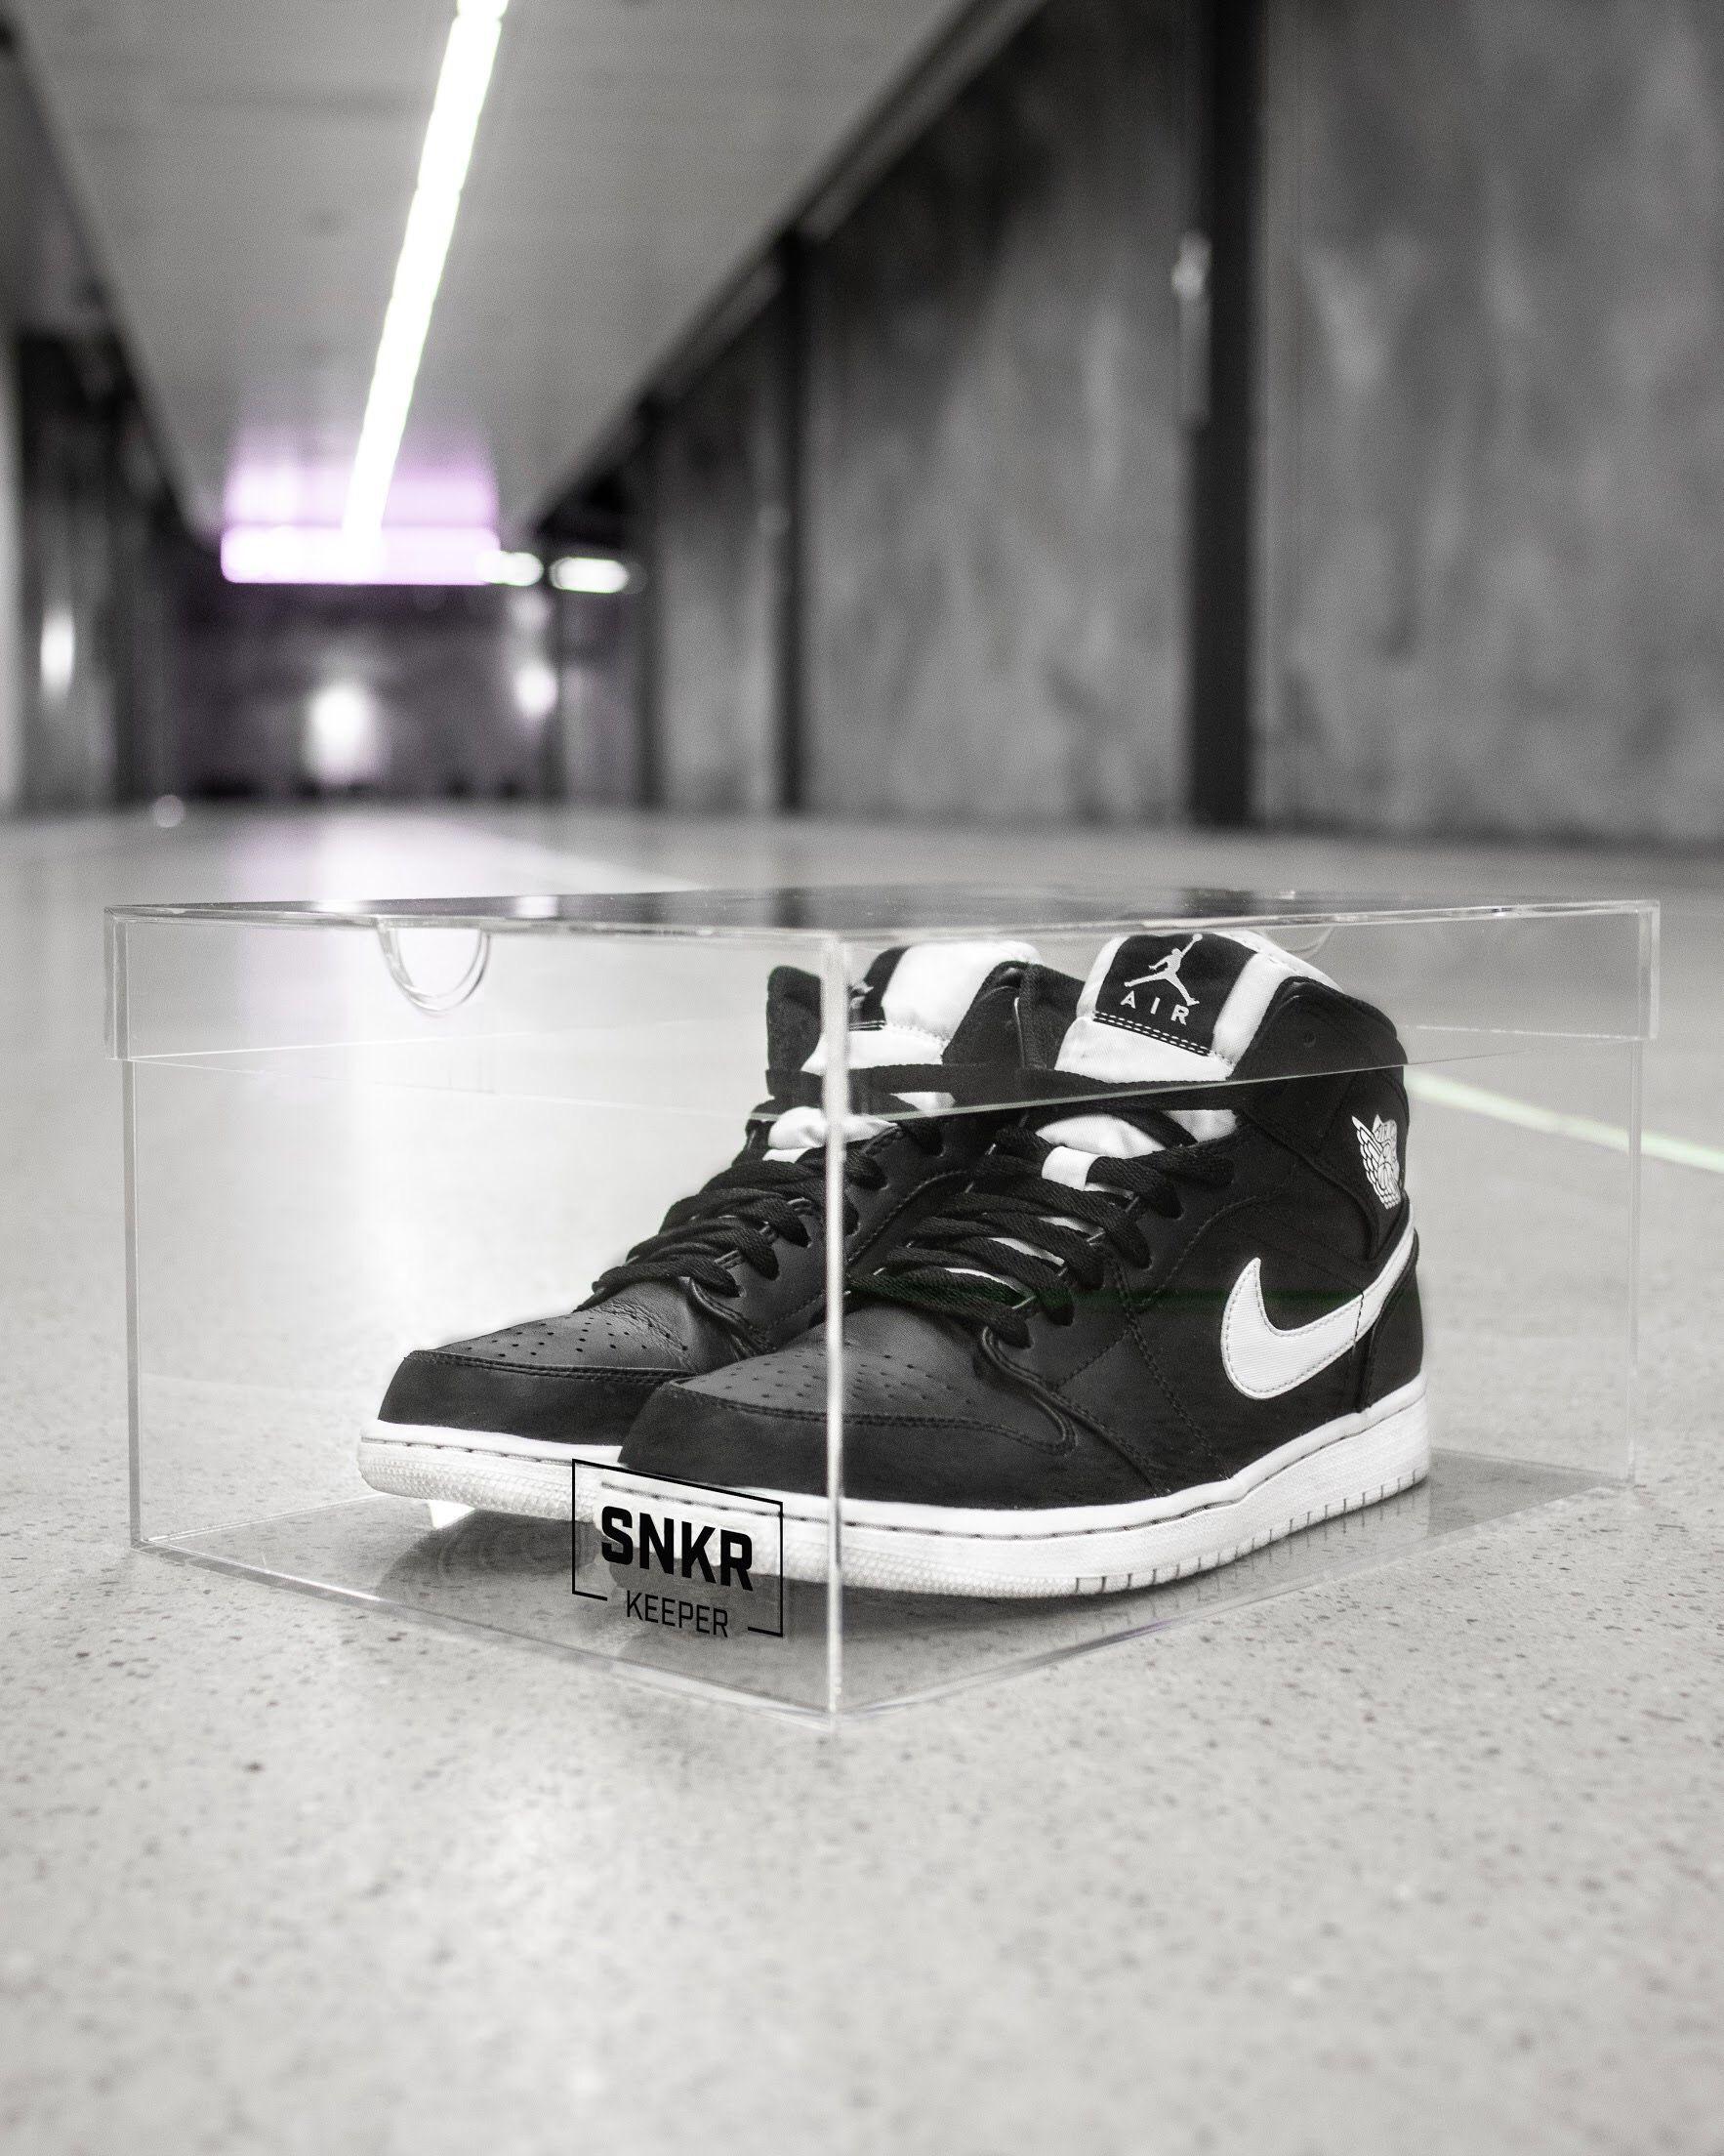 suositut kaupat 100% huippulaatua yksinoikeudella käsitellään Sneaker Keeper Shoe Box #snkrkeeper #sneakerkeeper #nike ...